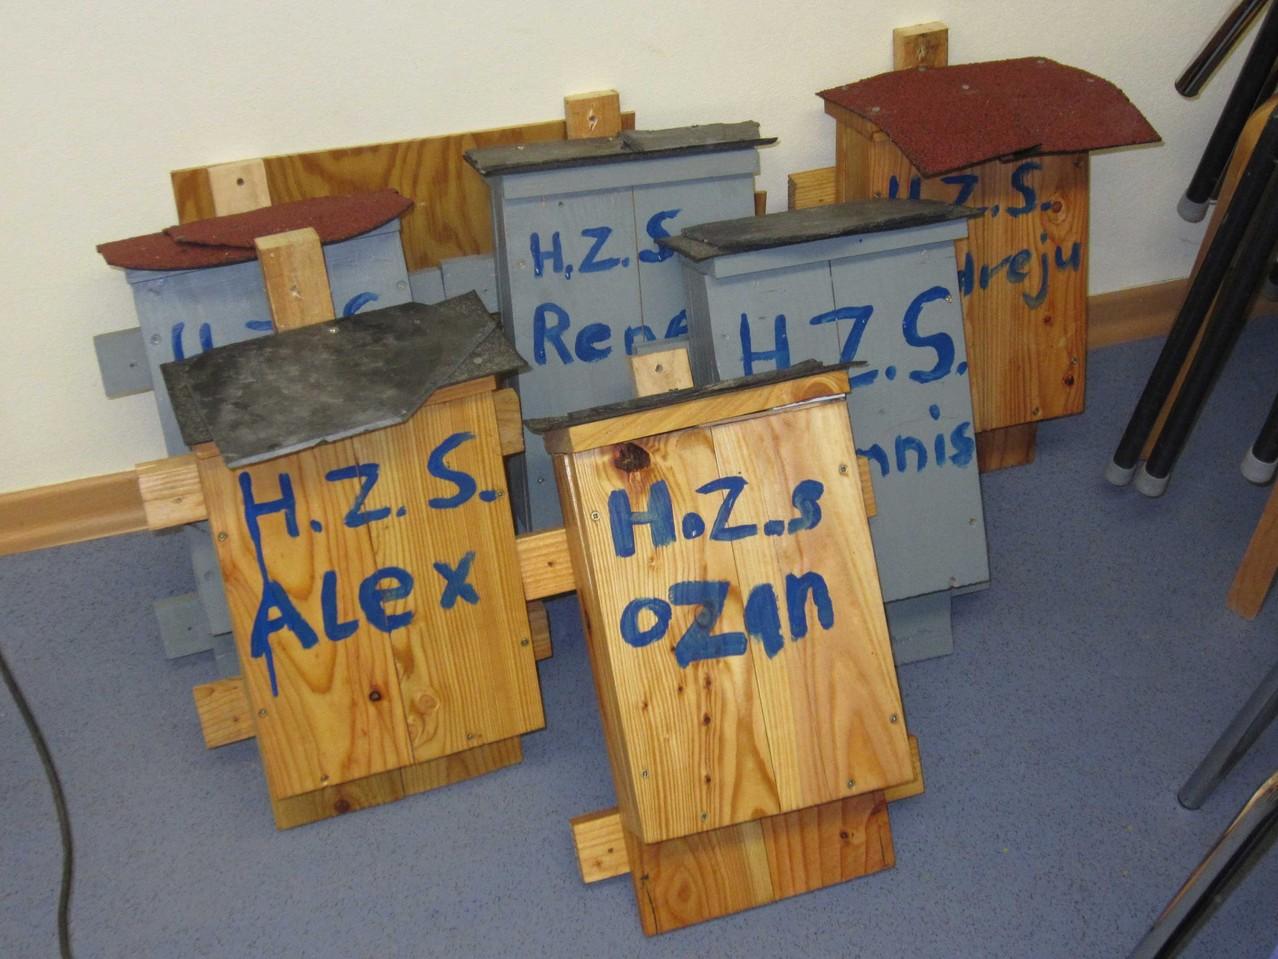 jeder Kasten ist individuell gekennzeichnet mit den Namen der Schüler, H.S.Z. = Hans-Zulliger Schule